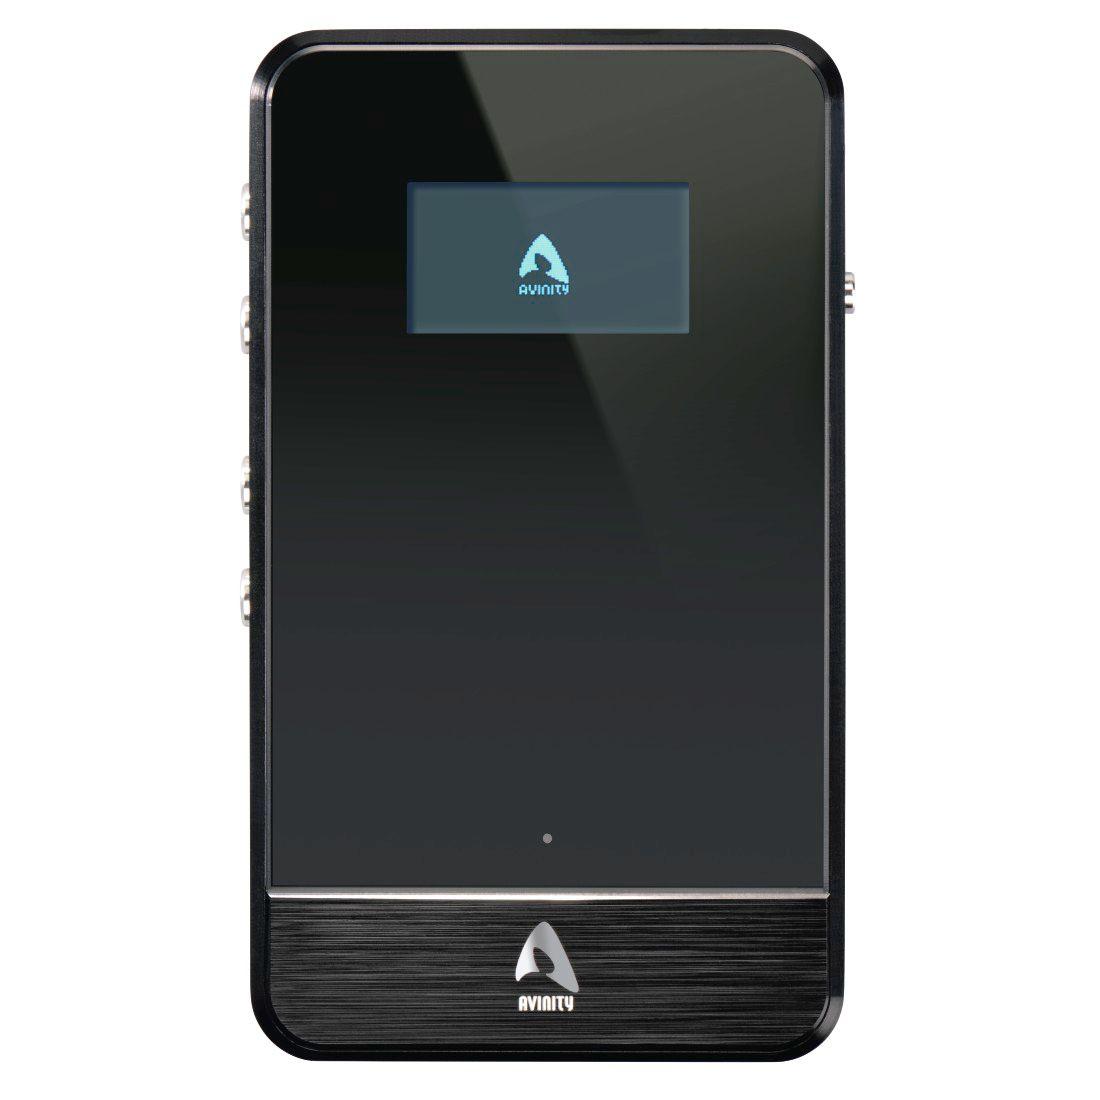 AVINITY Avinity Kopfhörerverstärker USB DAC Mobile